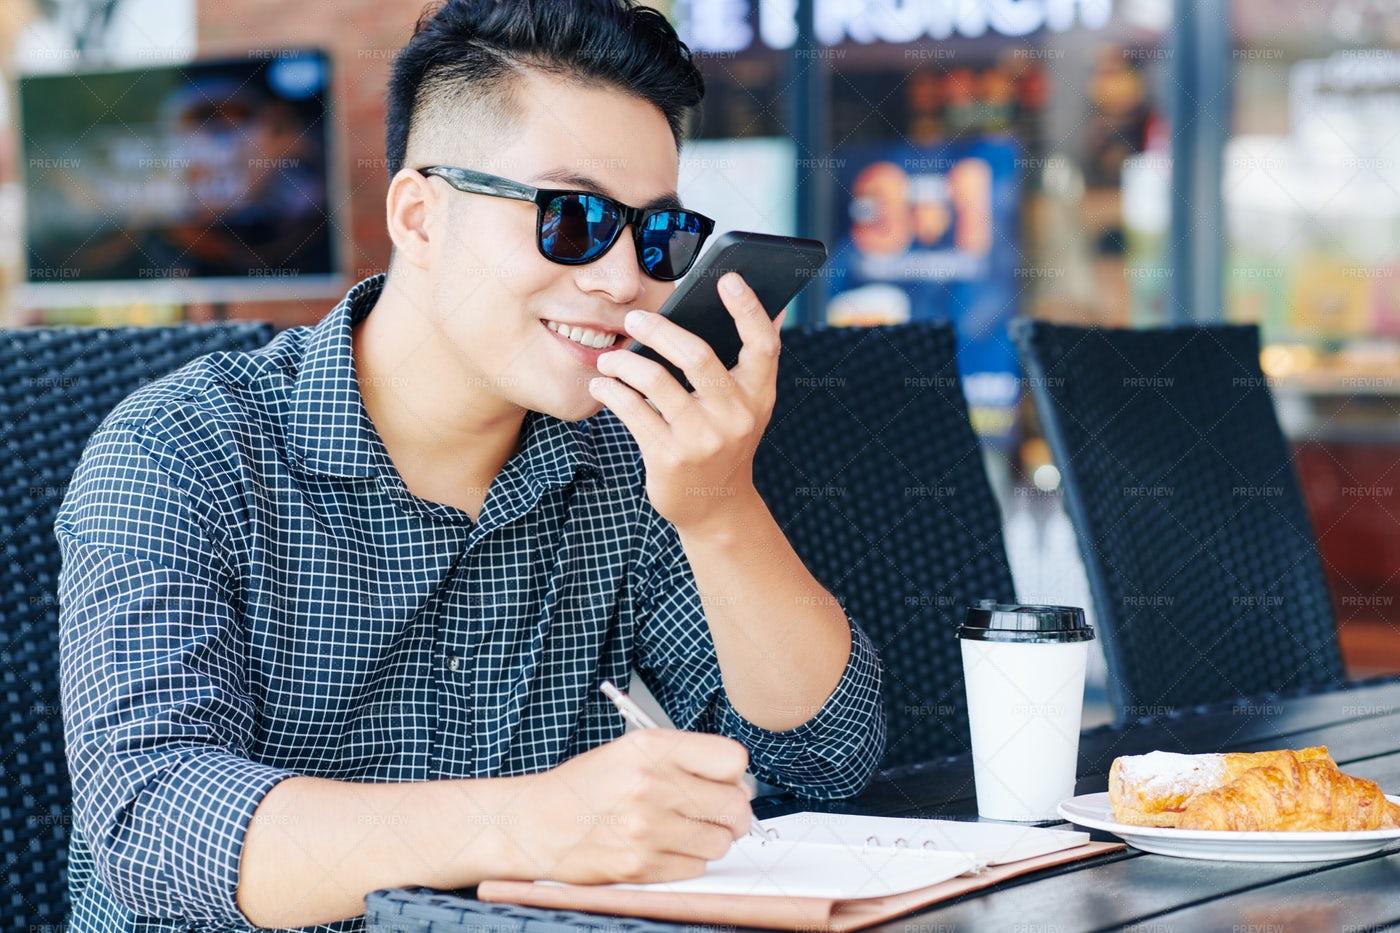 Man Recording Voice Message: Stock Photos